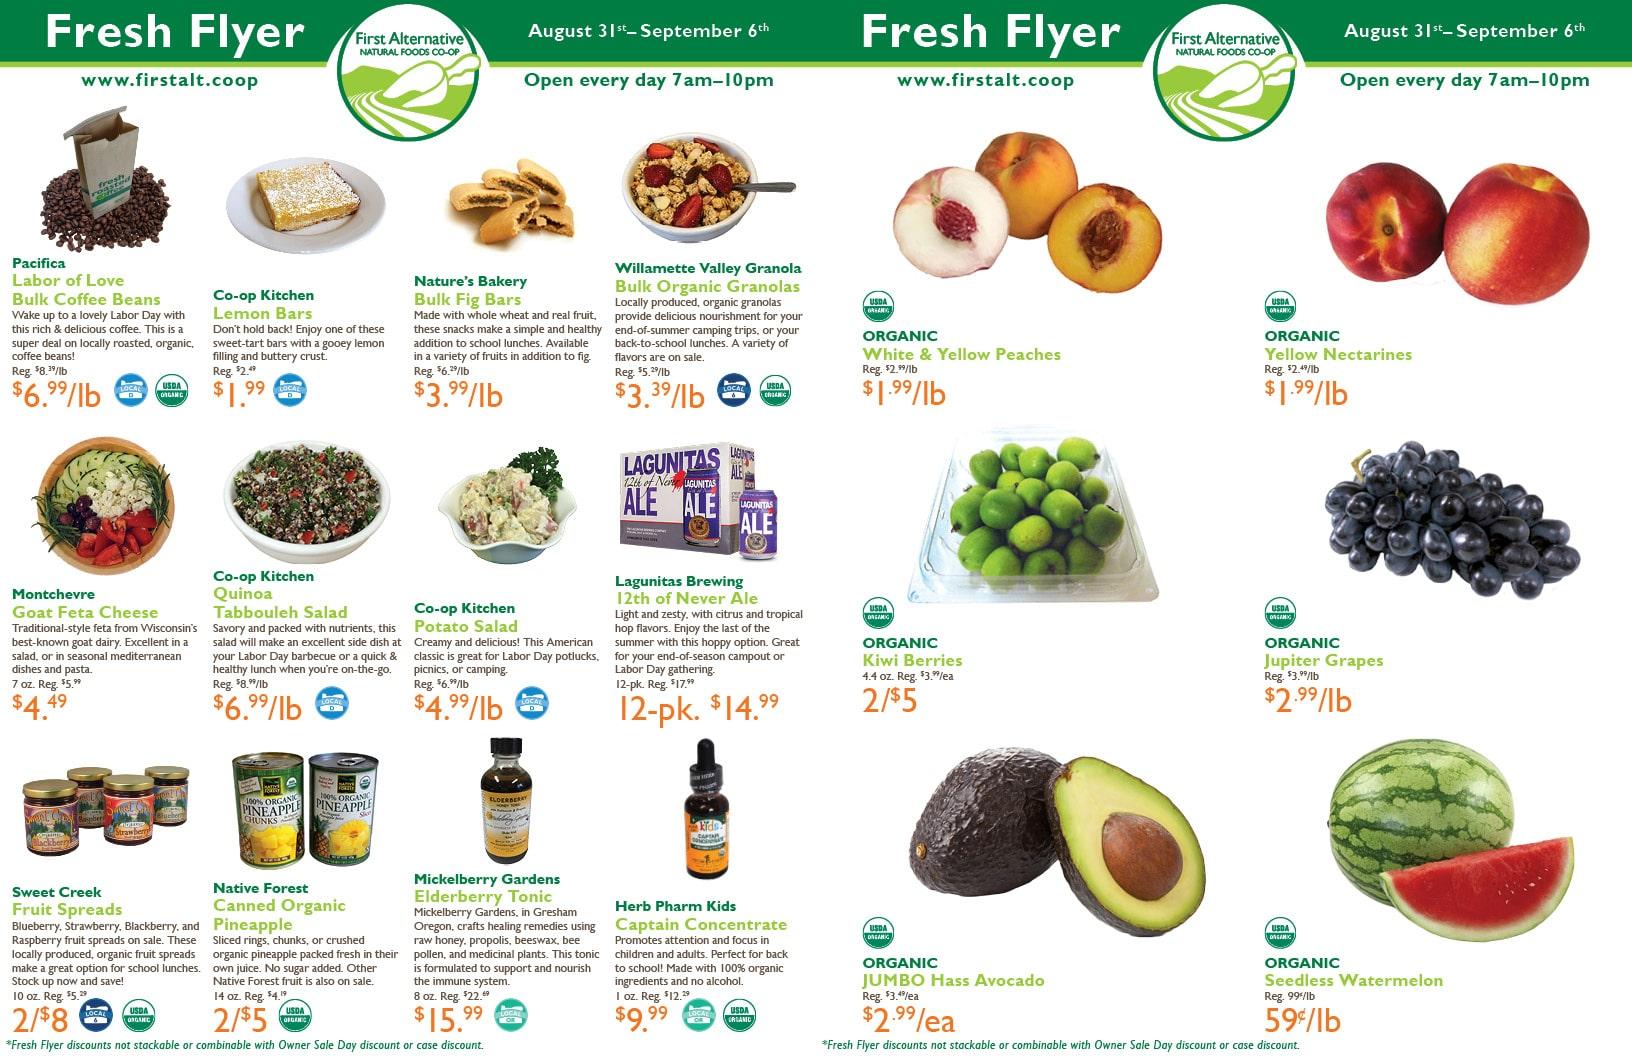 First Alternative Co-op Fresh Flyer August 31-September 6